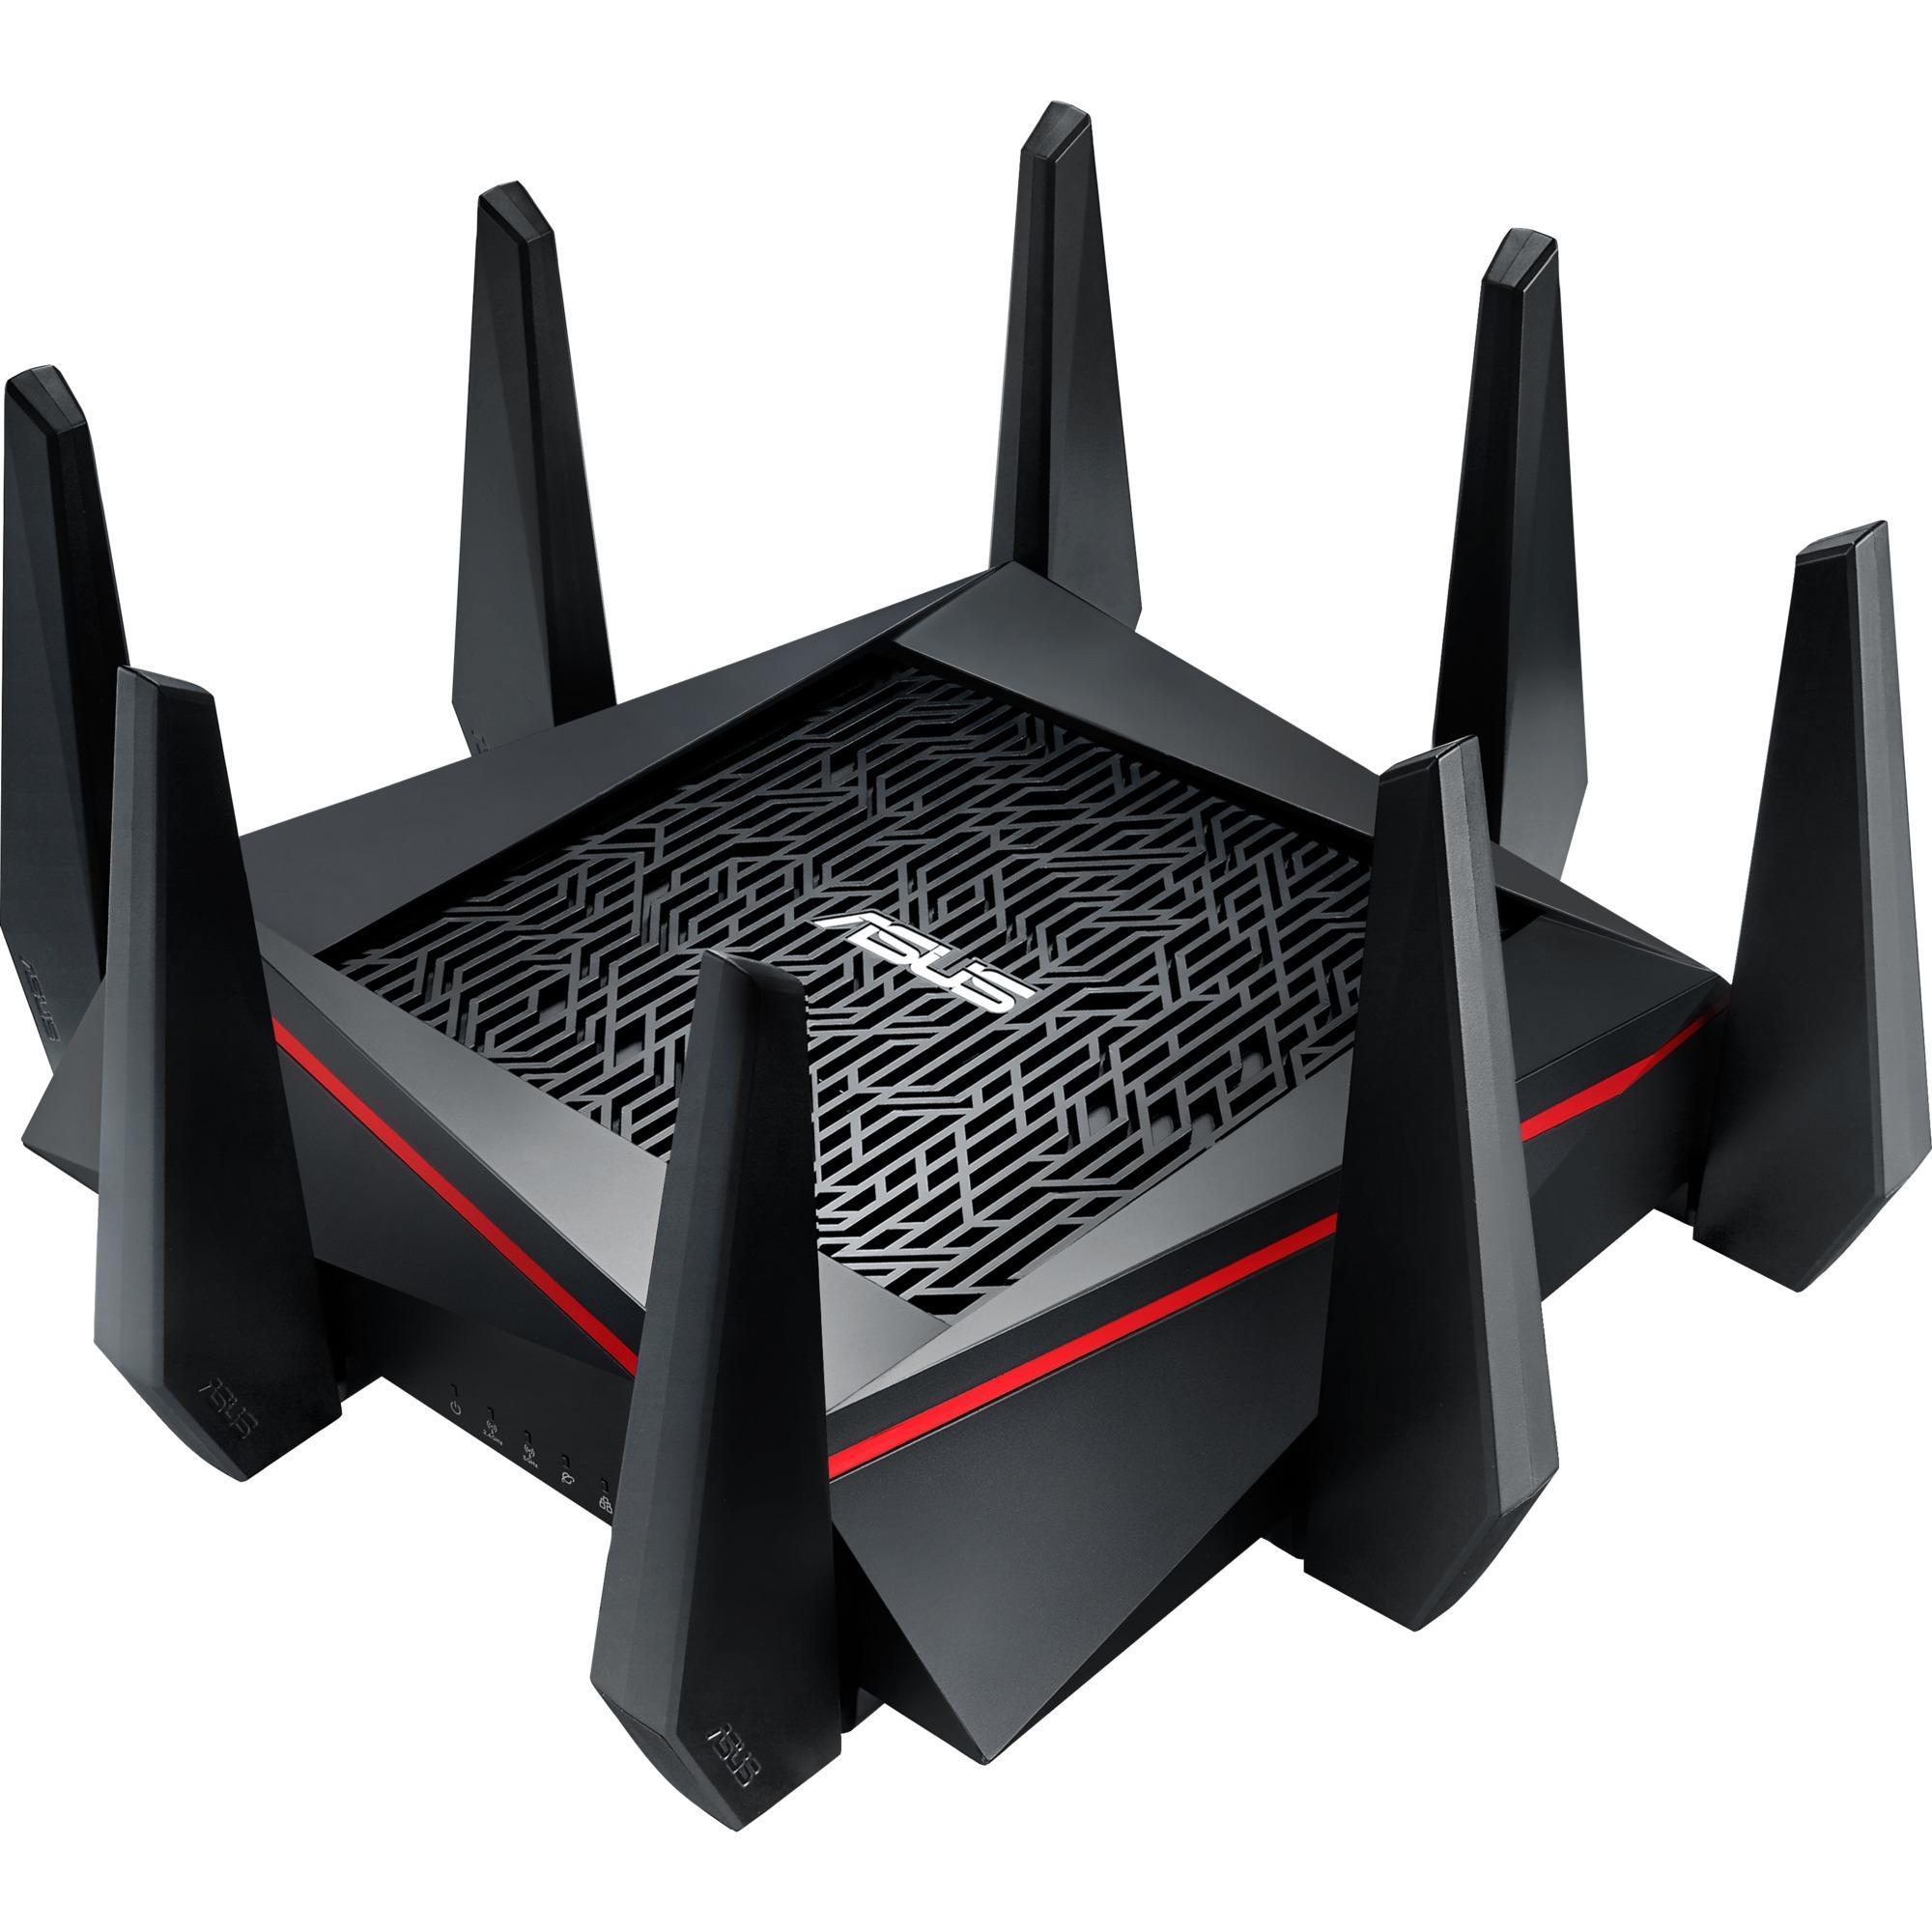 RT-AC5300 Tri-bande (2,4 GHz / 5 GHz / 5 GHz) Gigabit Ethernet Noir, Rouge routeur sans fil